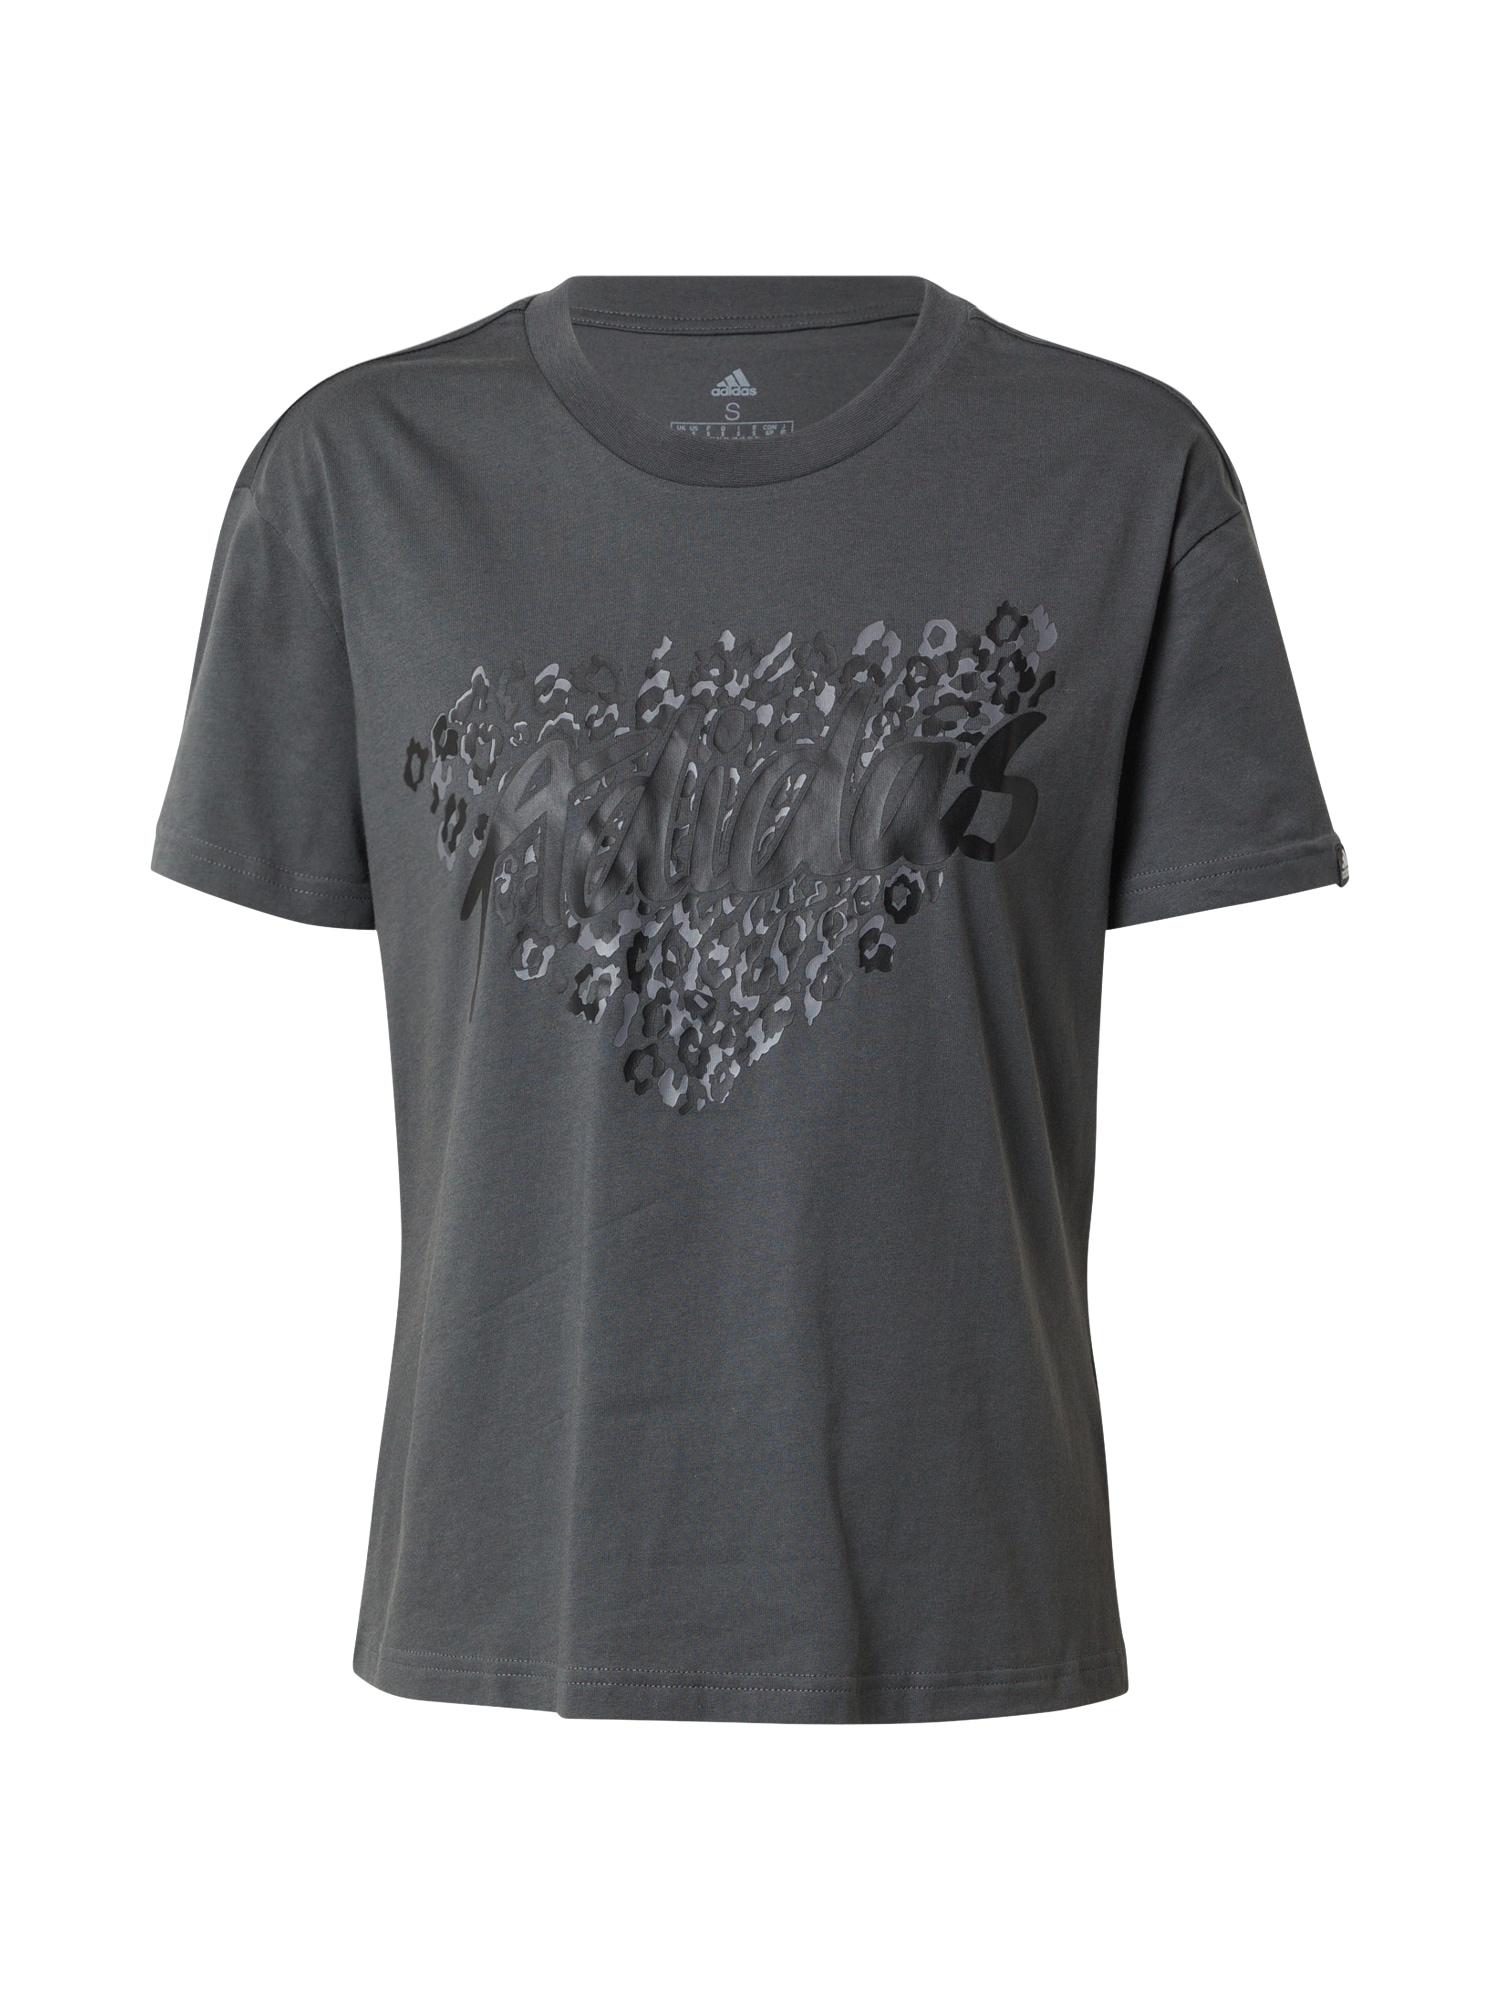 ADIDAS PERFORMANCE Sportiniai marškinėliai tamsiai pilka / antracito